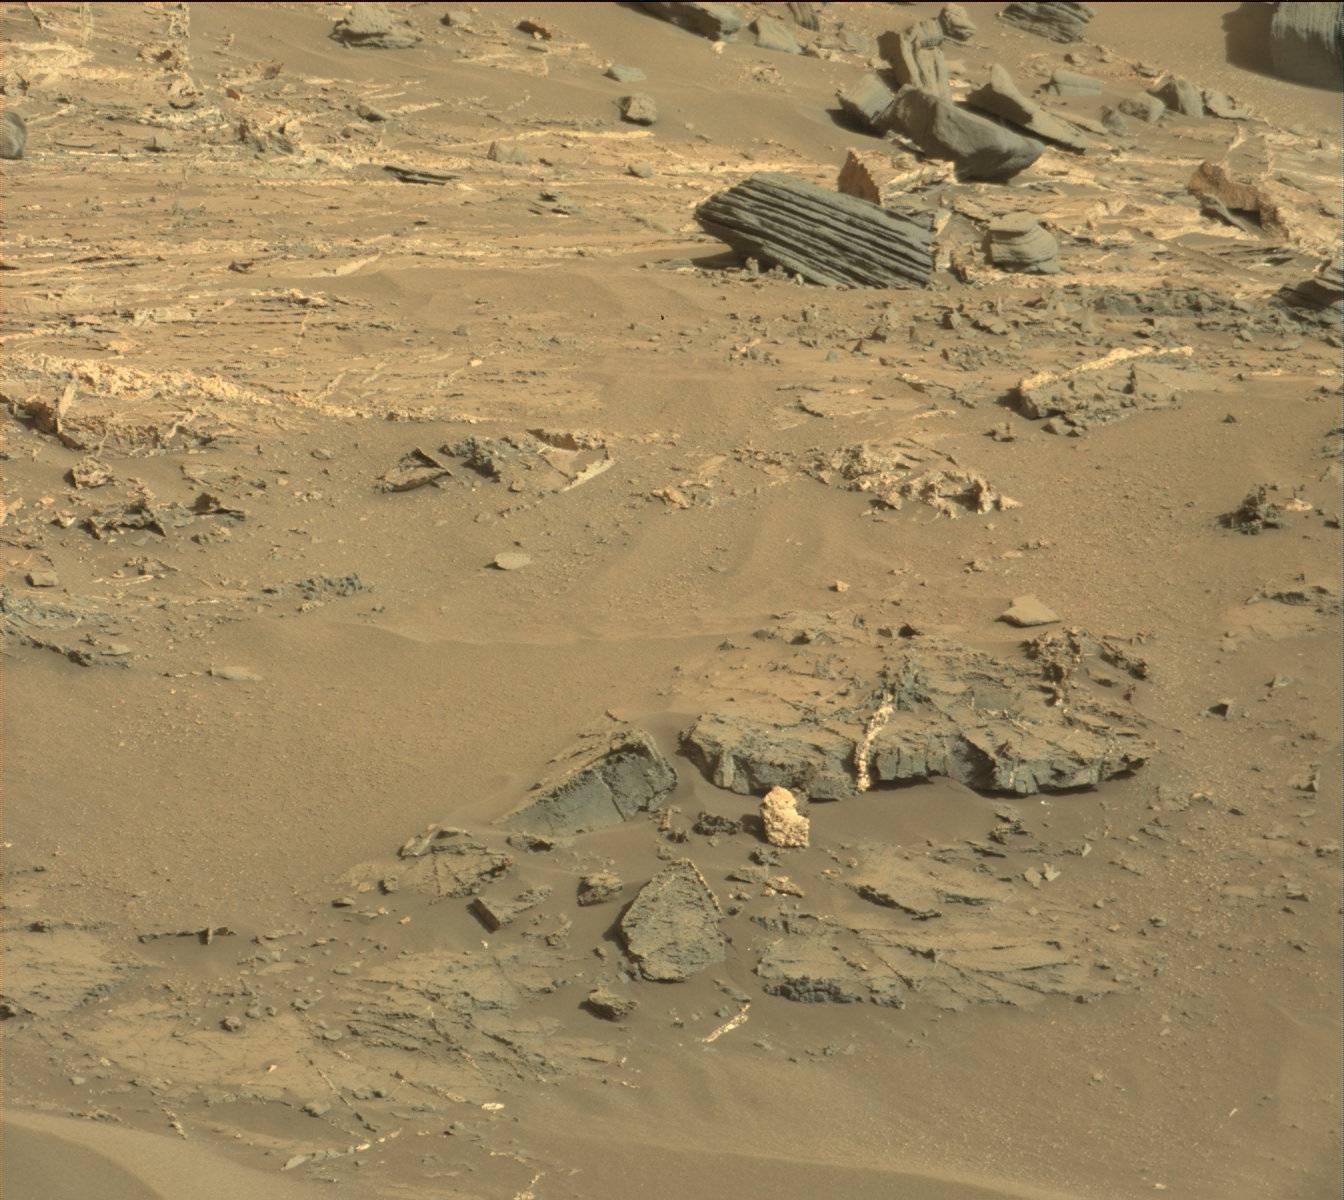 jpl mars rover curiosity - photo #23